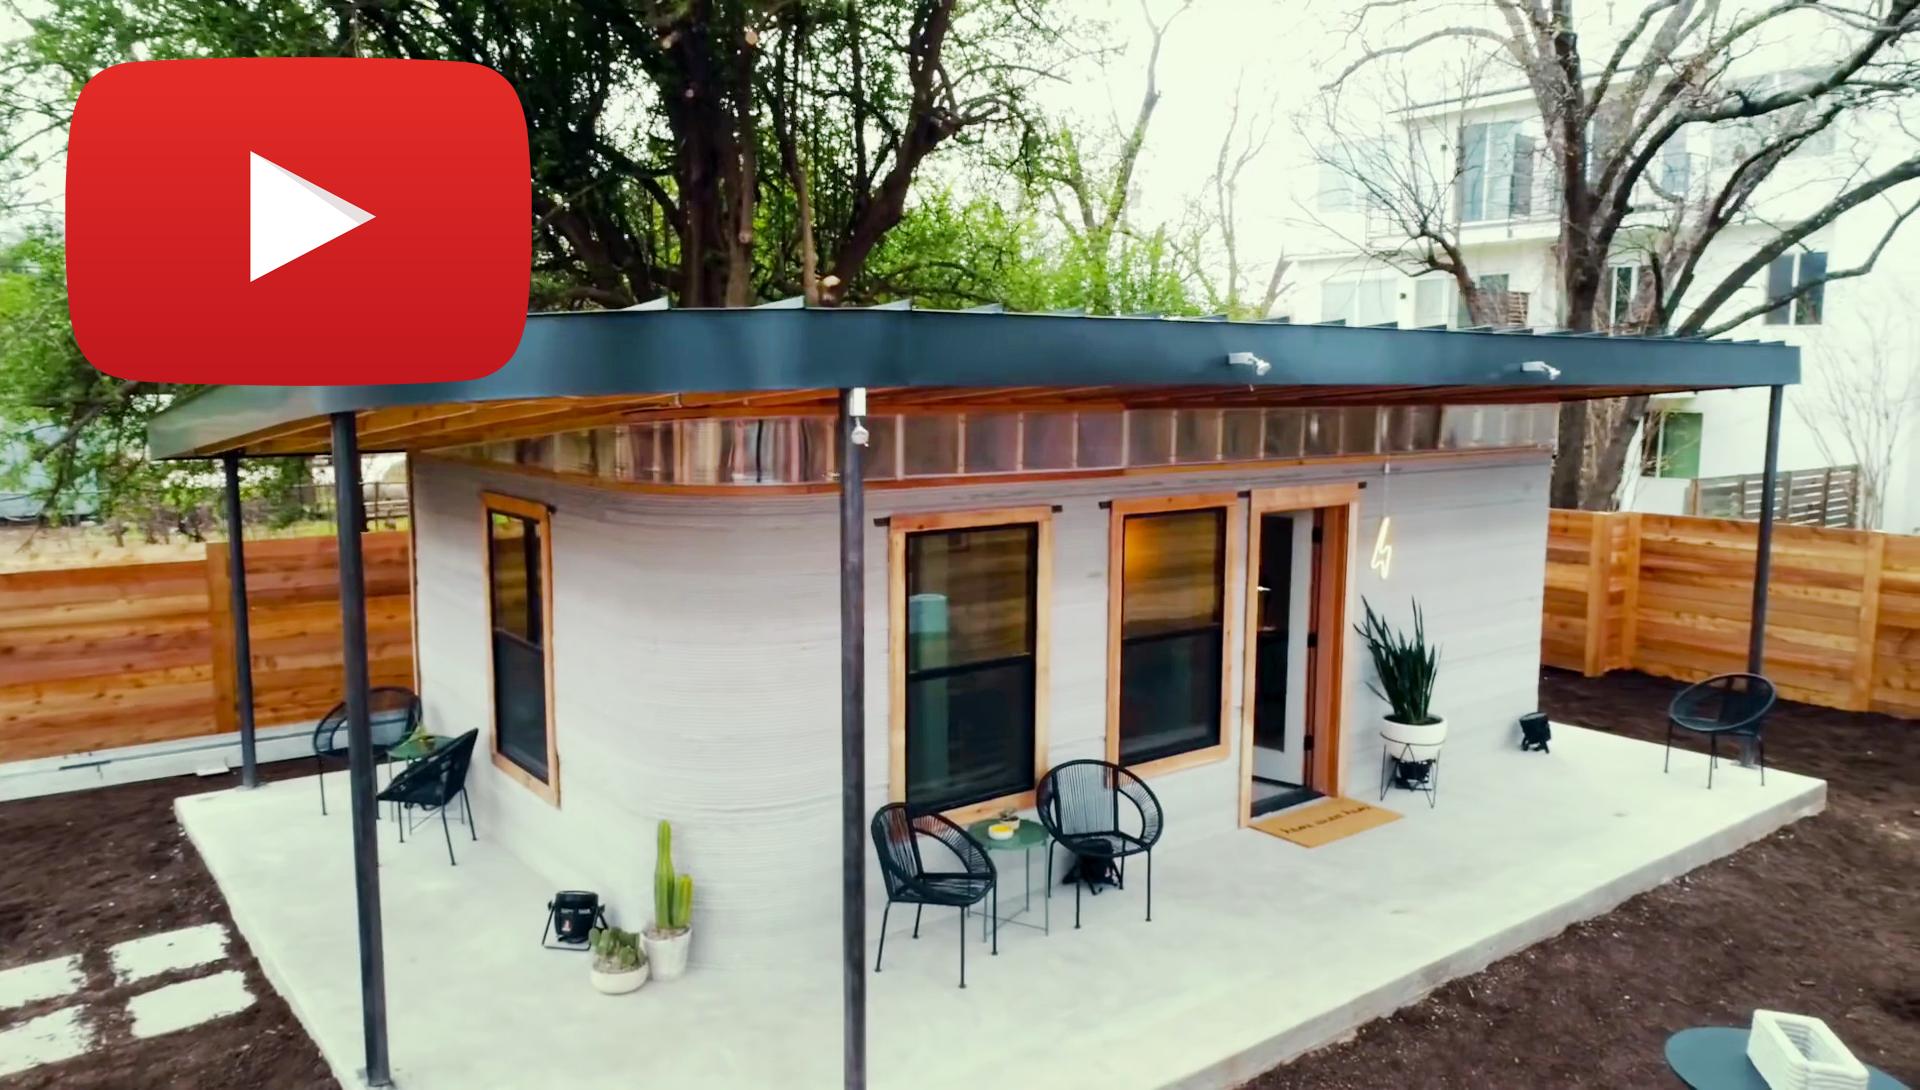 As casas têm 60 m2 e são construídas em menos de 24 horas